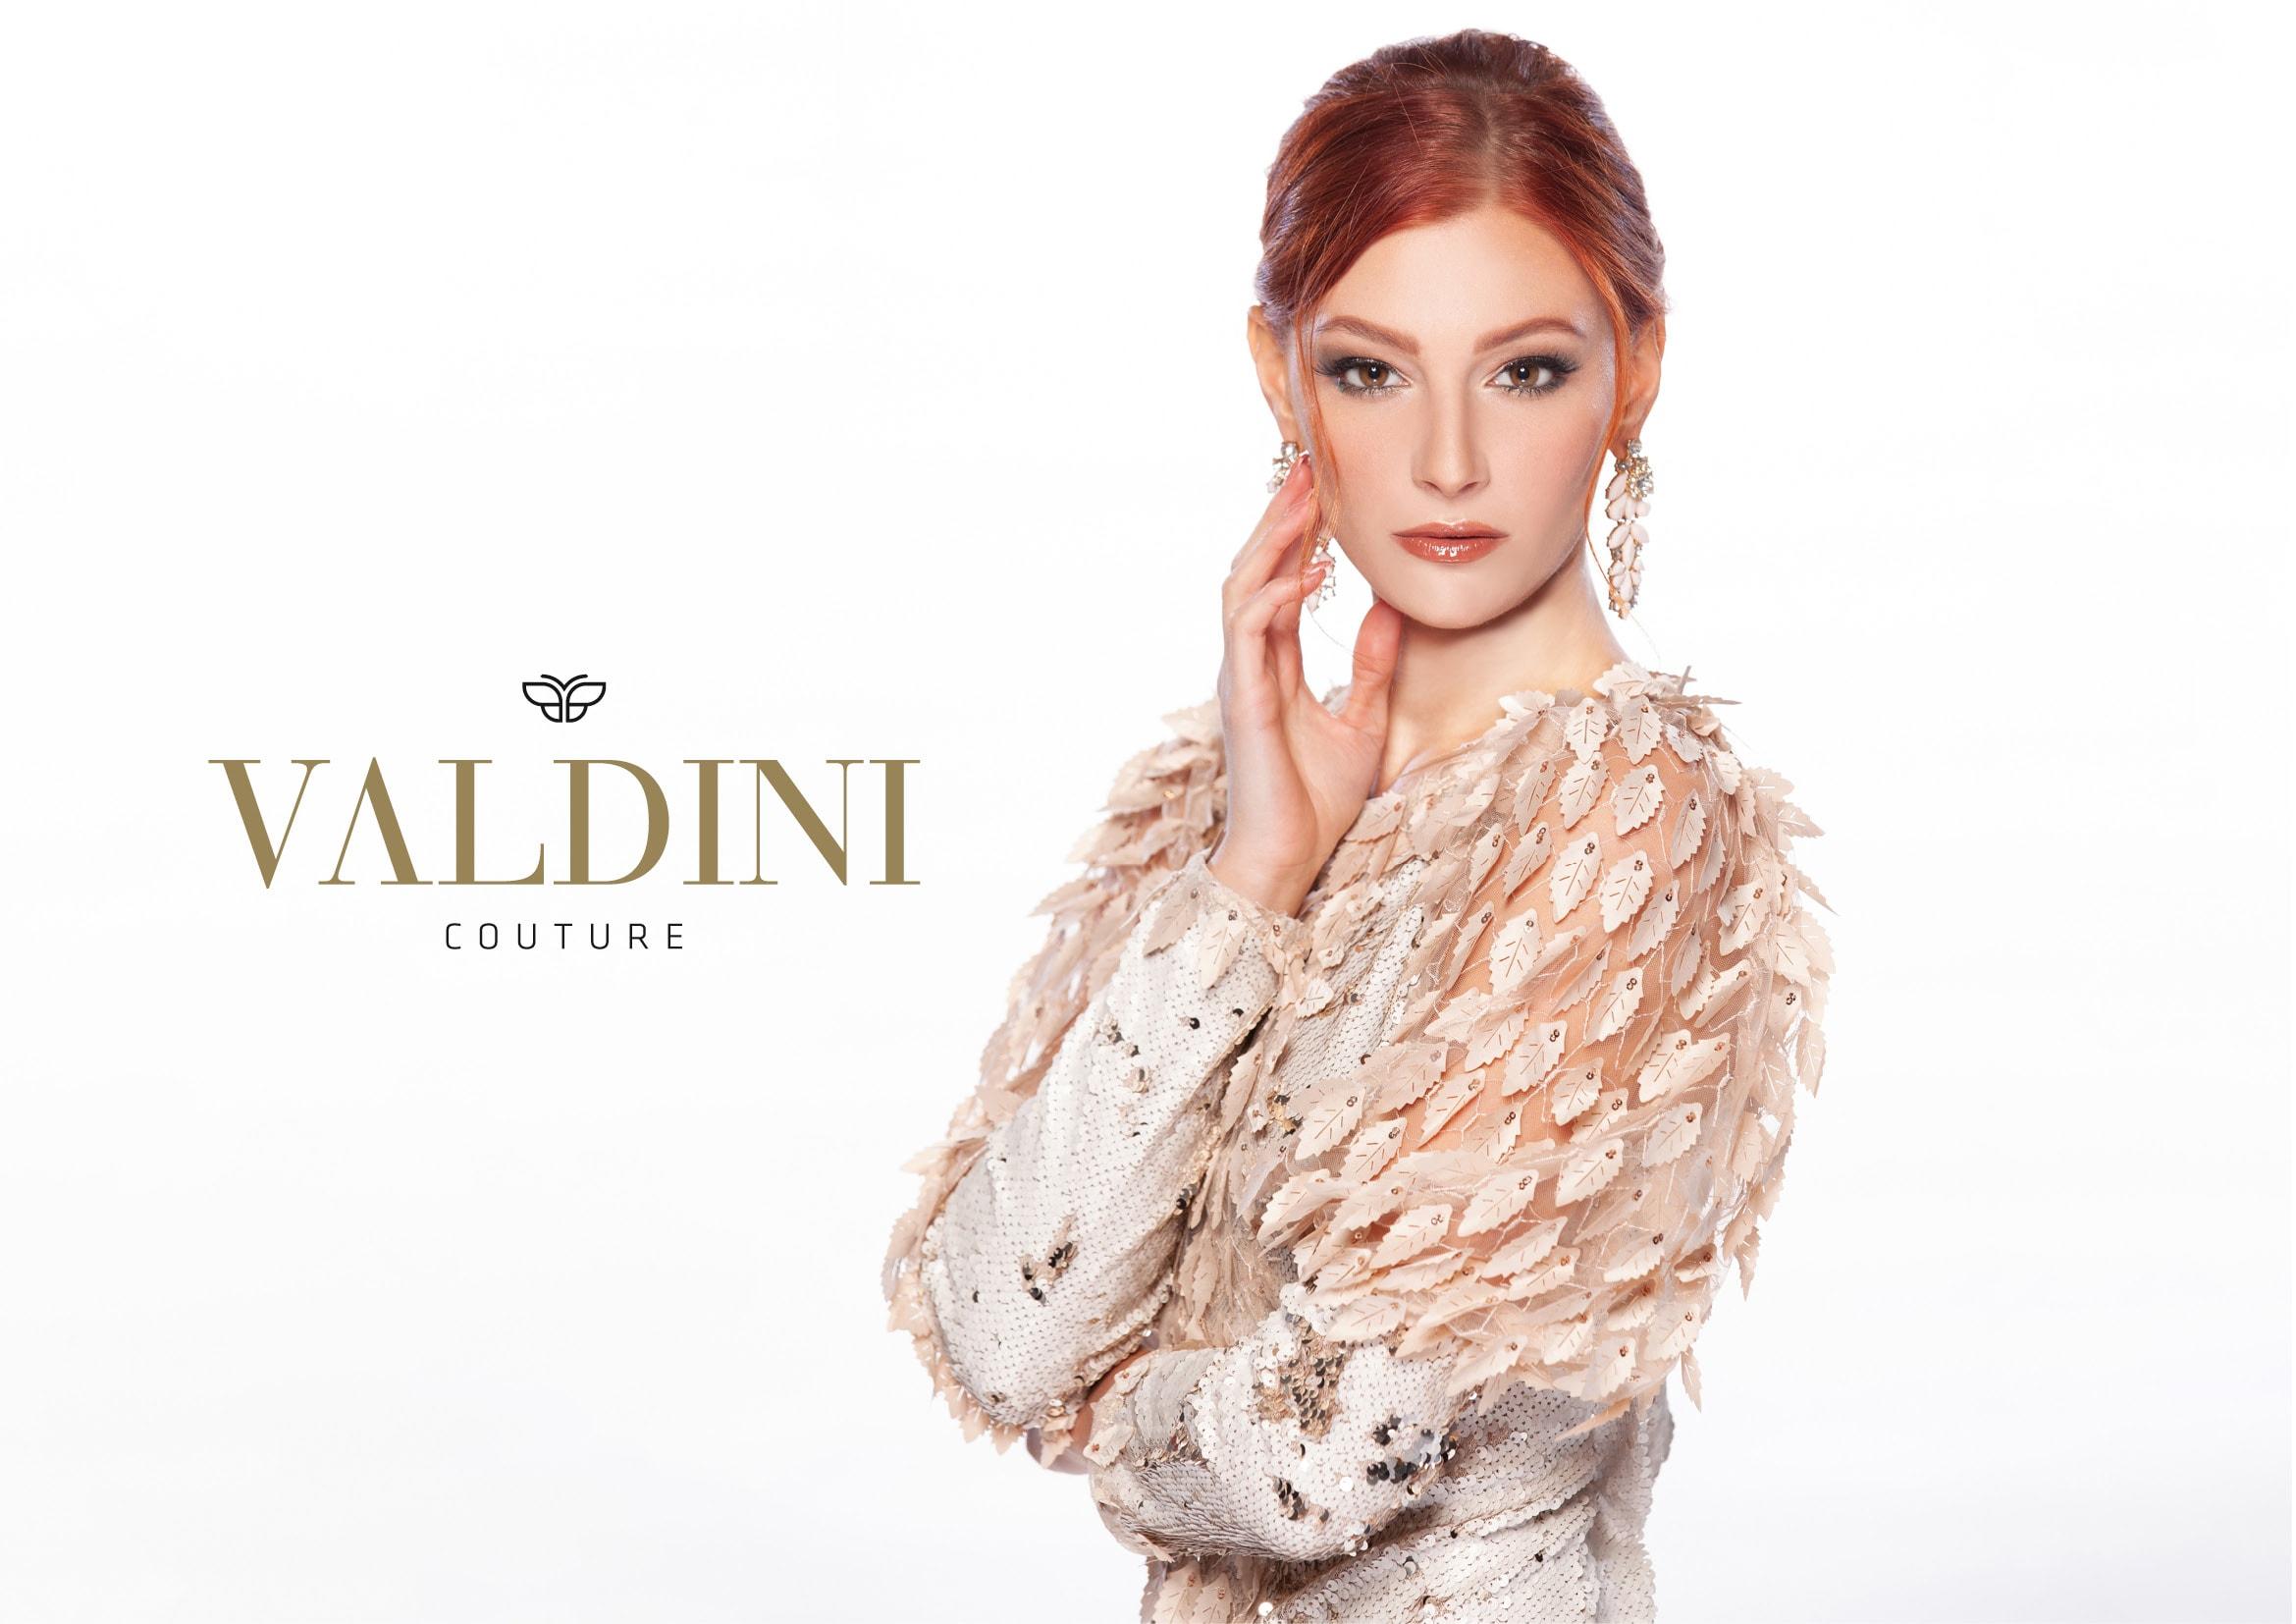 Corporate Design und Logo-Entwicklung für Valdini Couture durch Ronald Wissler